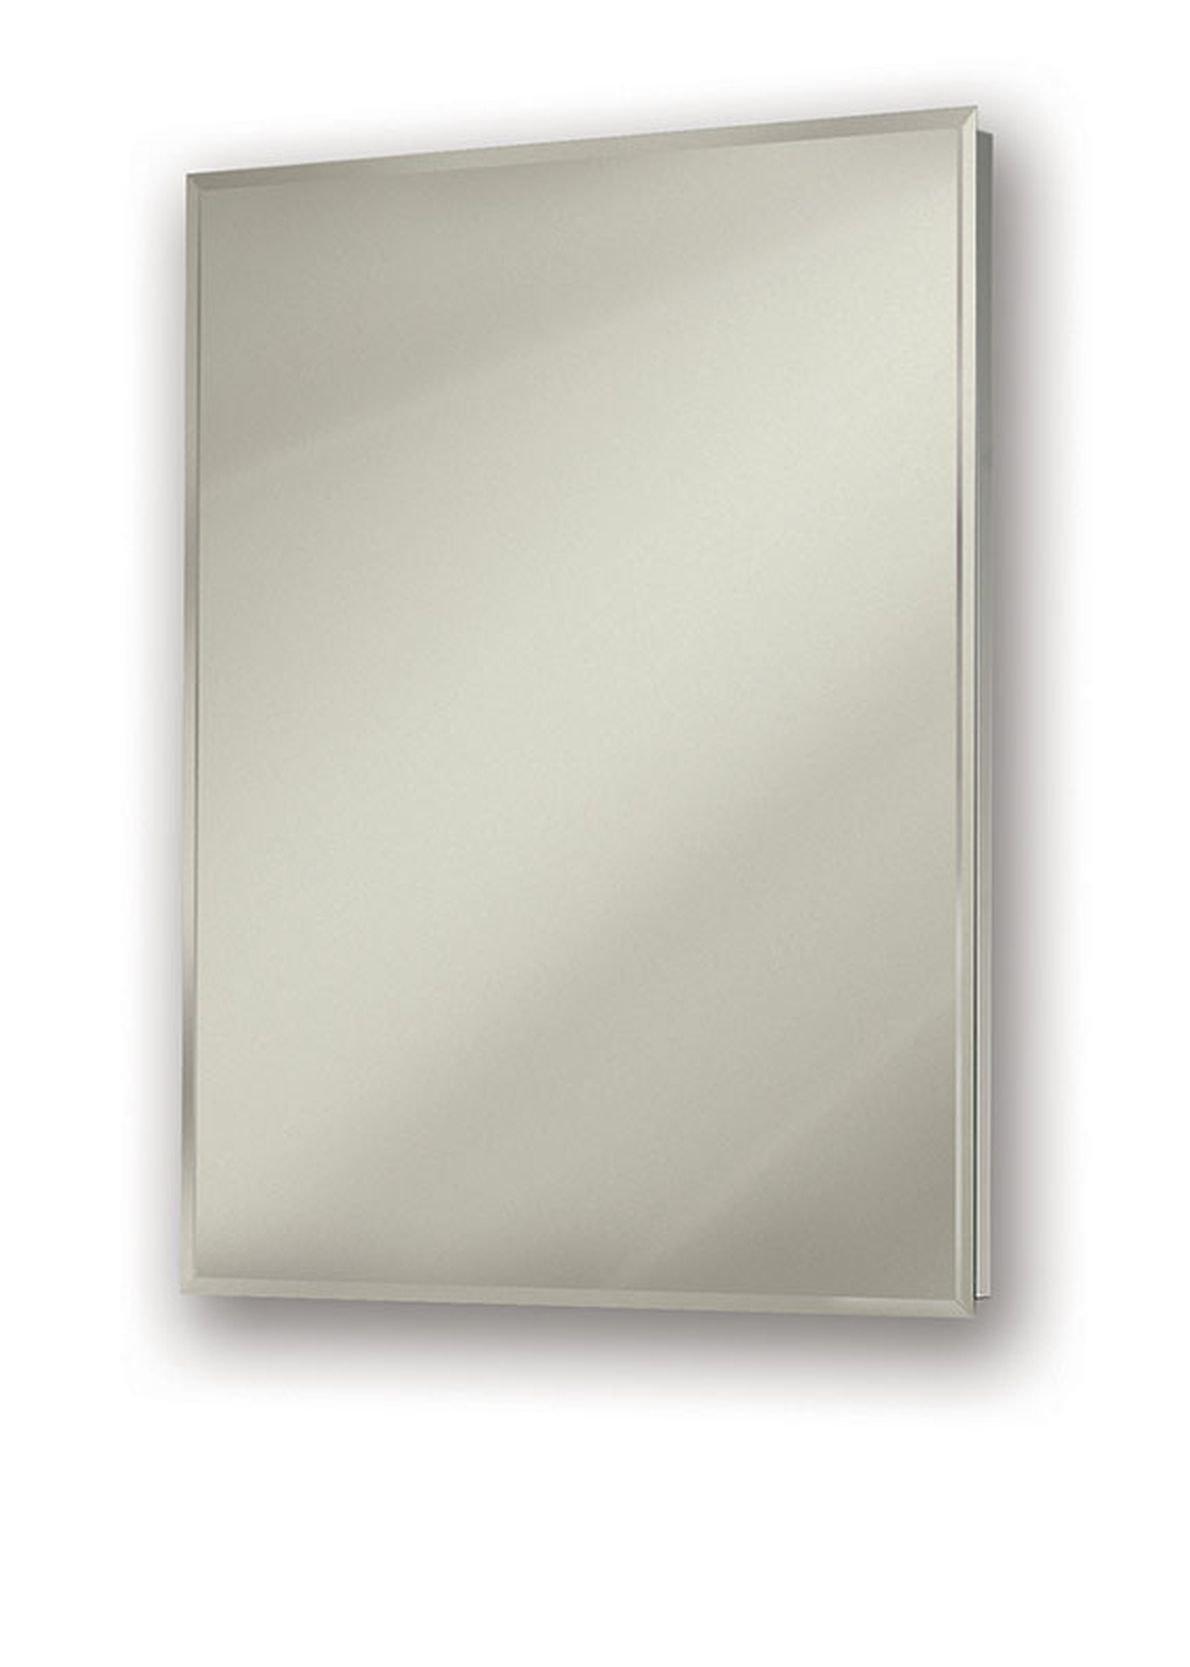 Jensen 530924X Bevel Mirror Medicine Cabinet, 24'' x 30''